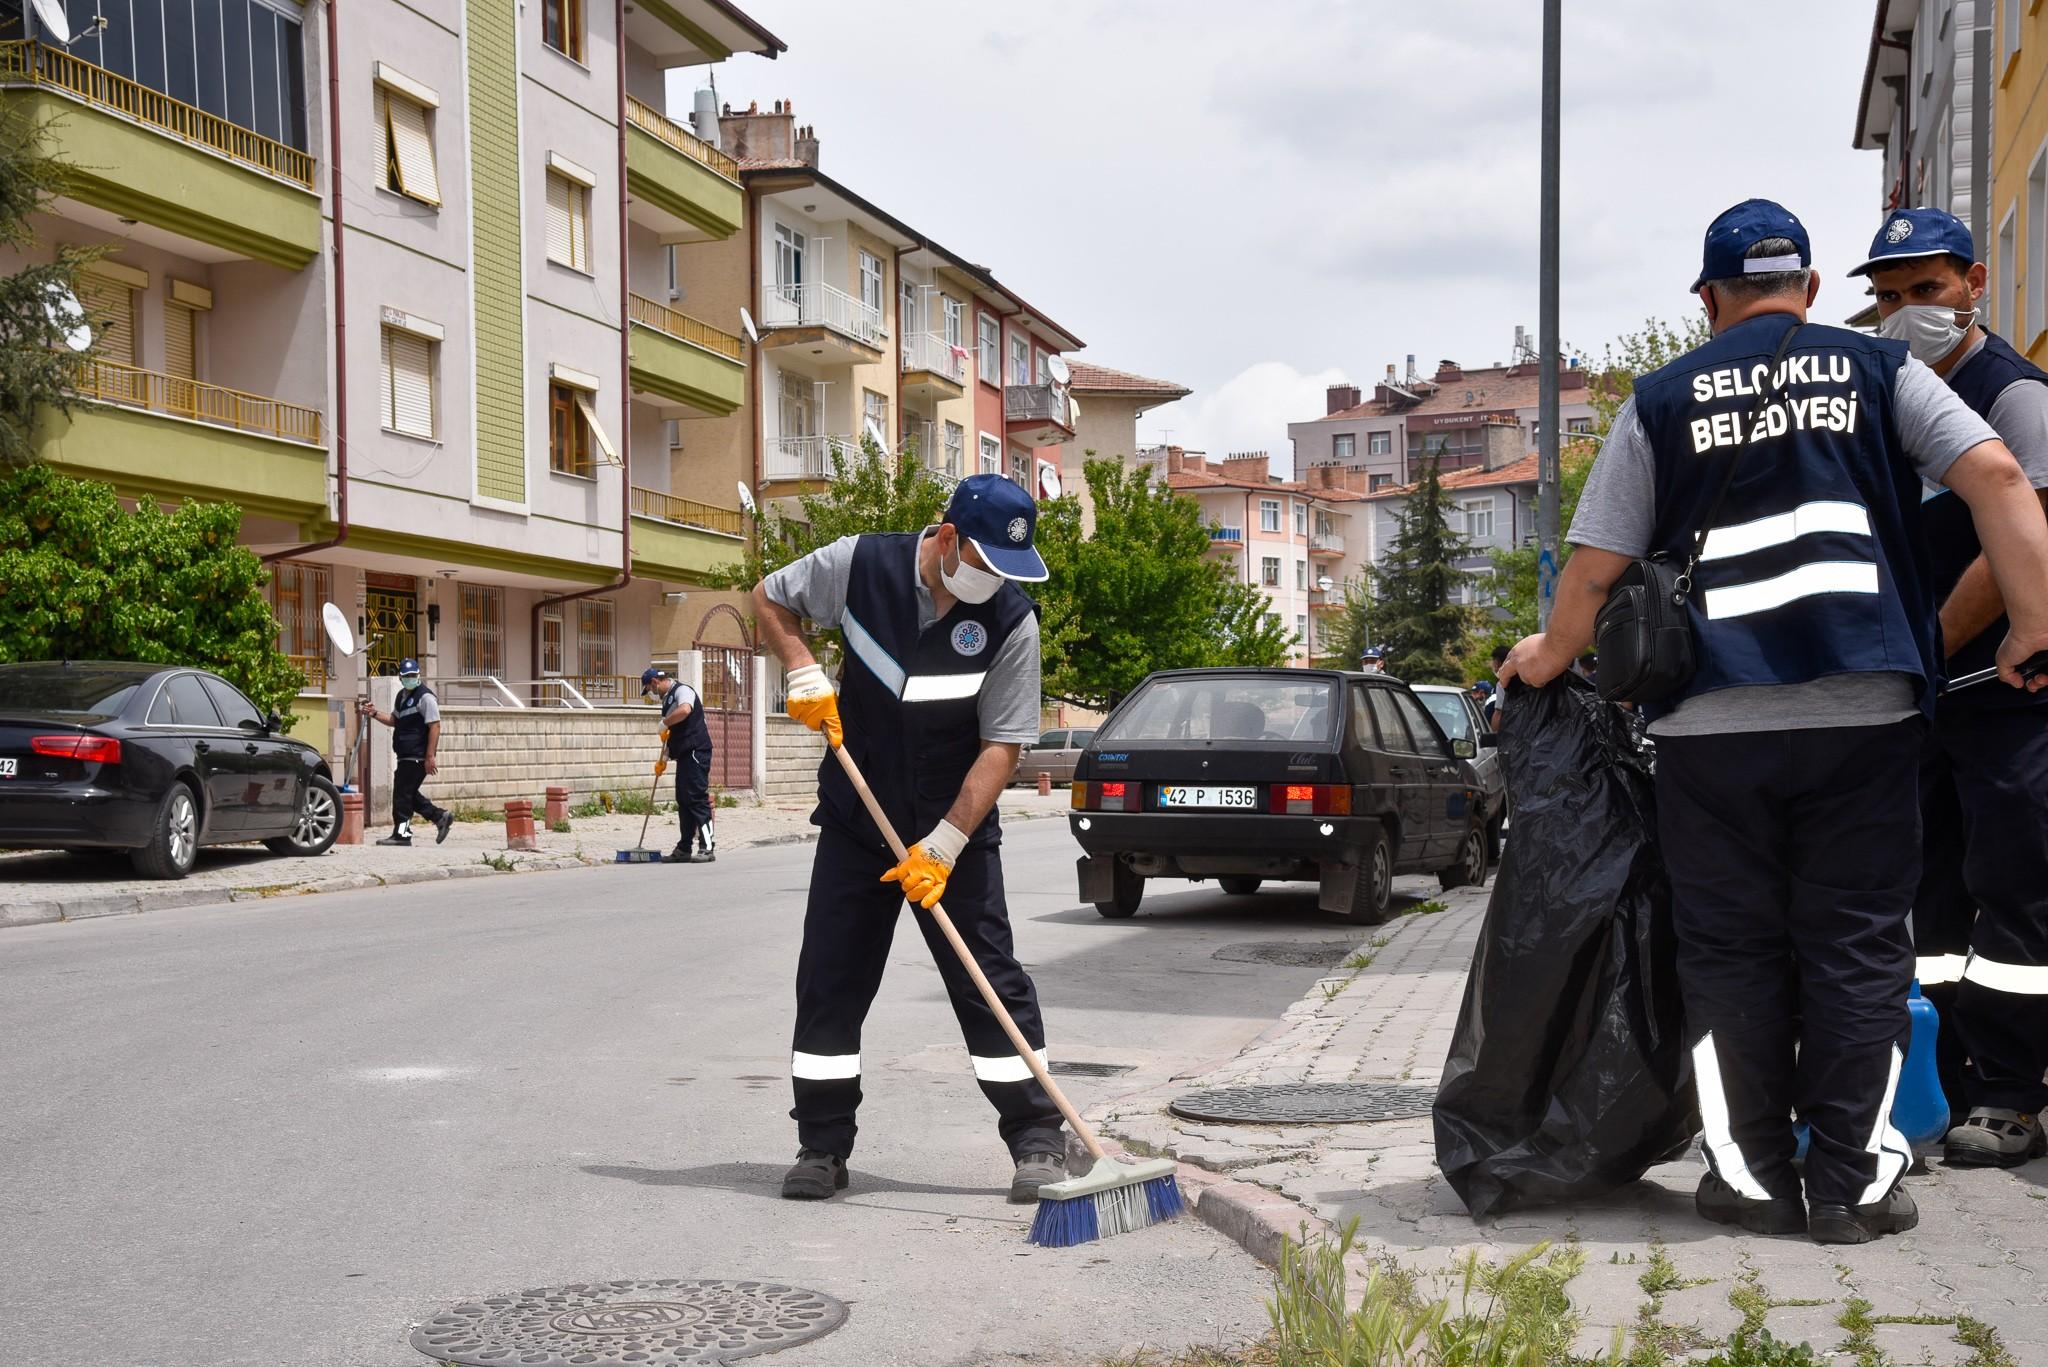 selcuklu-belediyesi-temizlik-ekipleri-724-mesaide.jpg